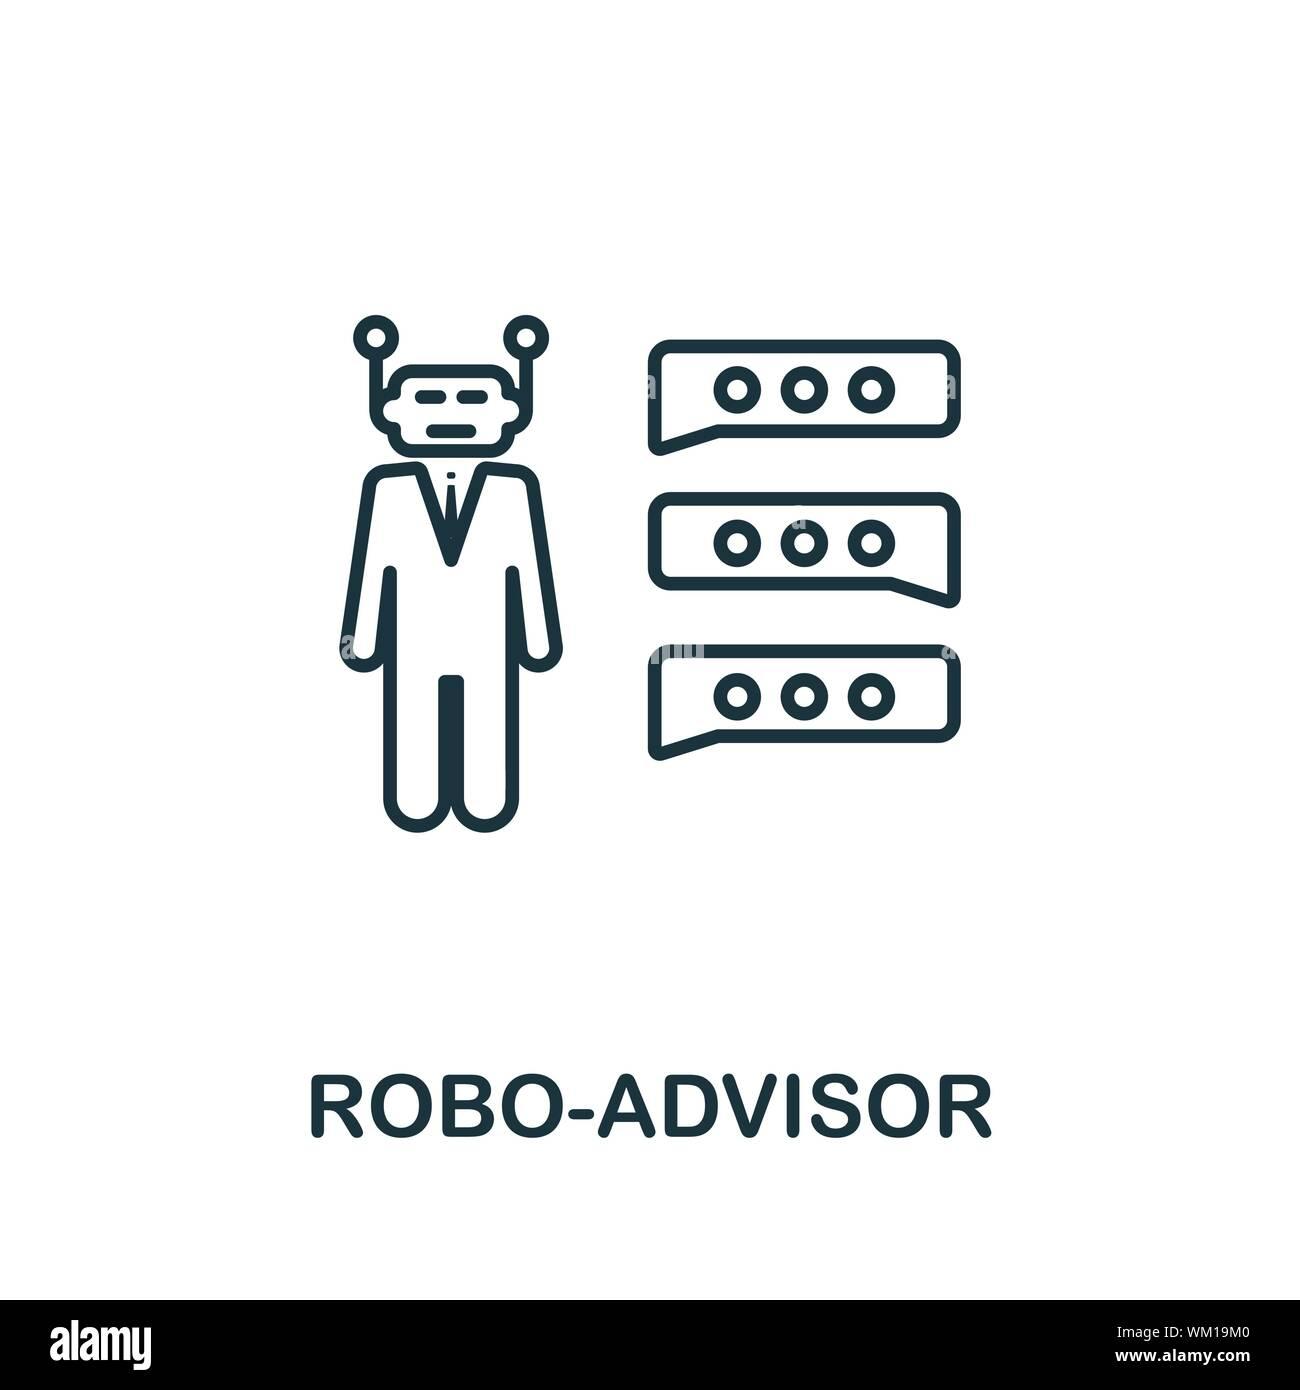 Esquema Robo-Advisor icono. Concepto de línea delgada elemento de tecnología fintech colección de iconos. Icono Robo-Advisor creativo para aplicaciones móviles y web Ilustración del Vector